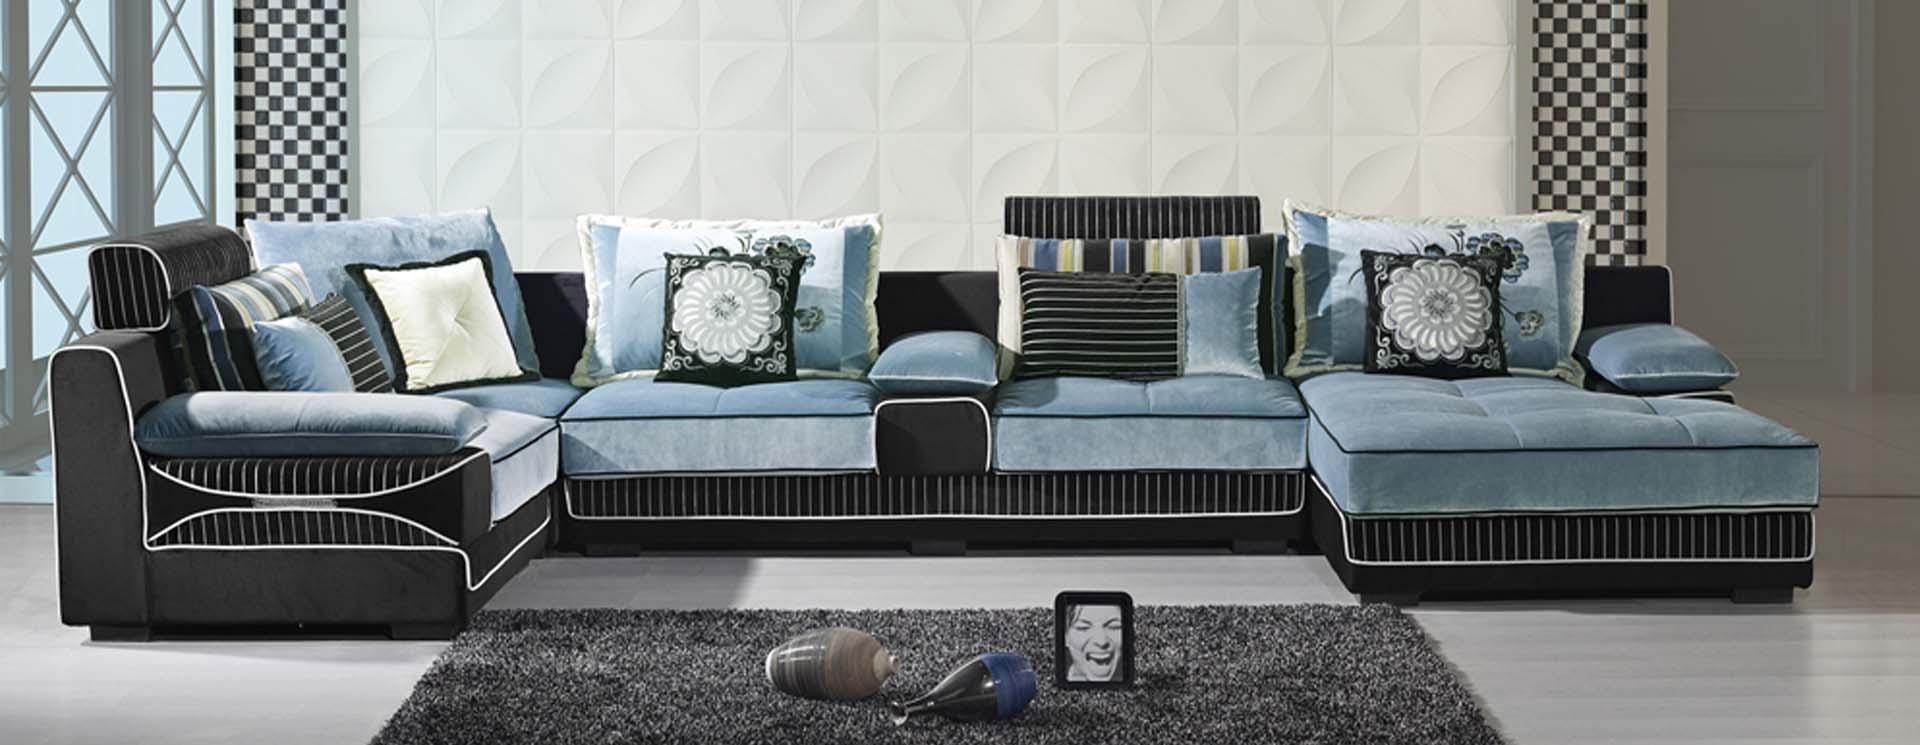 名称:沙发E-635#A<br/> 市场价:<font style='color:#999;text-decoration:line-through;'>¥0</font><br />全国统一零售价:<font color='Red'>¥0.0</font>